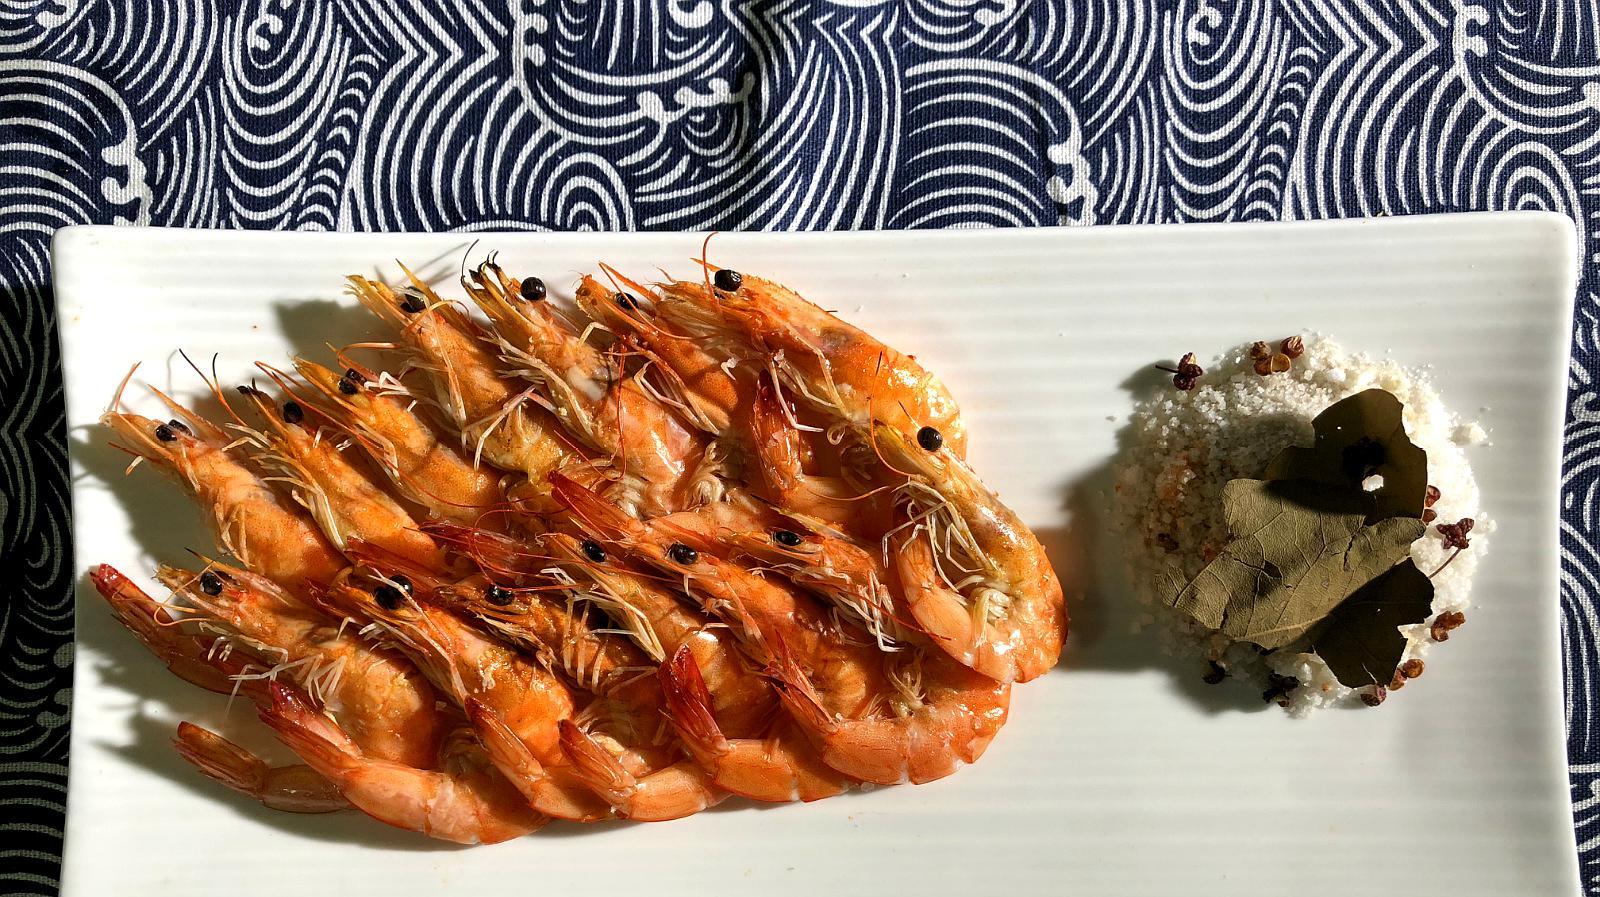 小伙做的盐焗虾,家里人都说好吃,年夜饭就做这个了